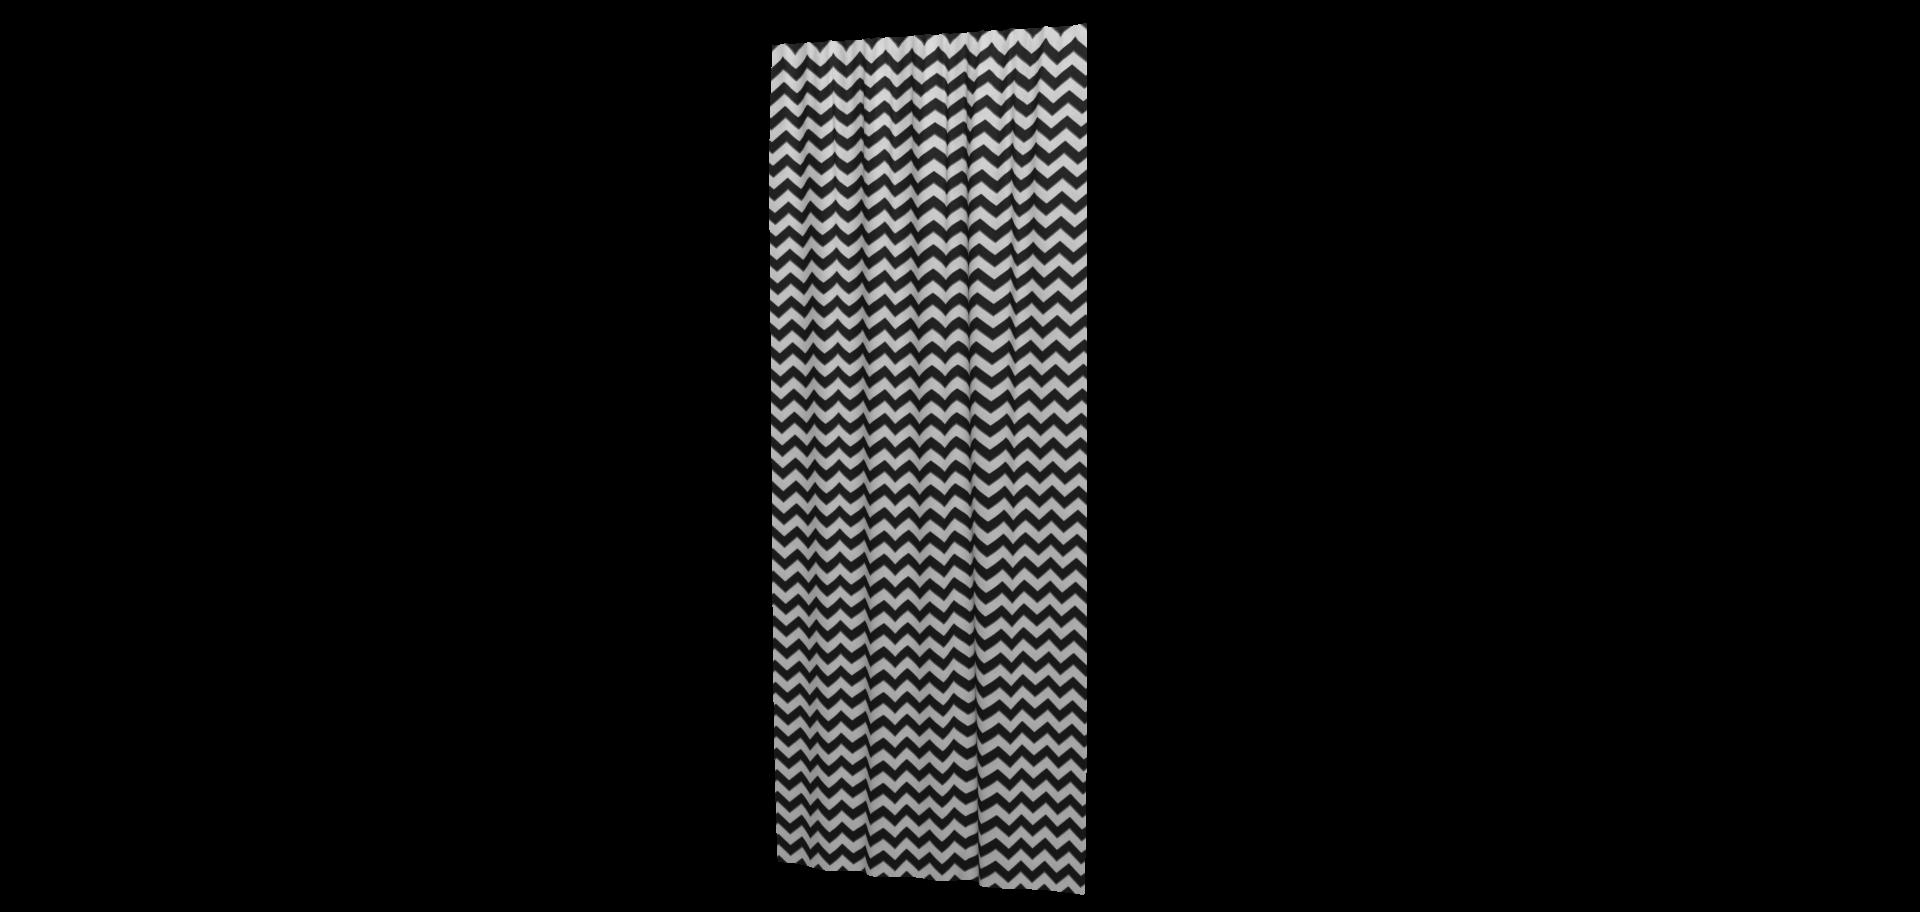 Ткань декоративная для штор, подушек с черно-белым зигзагом и тефлоном - фото a4af29f213d369a24aaa8ee3c3c9c60f.png